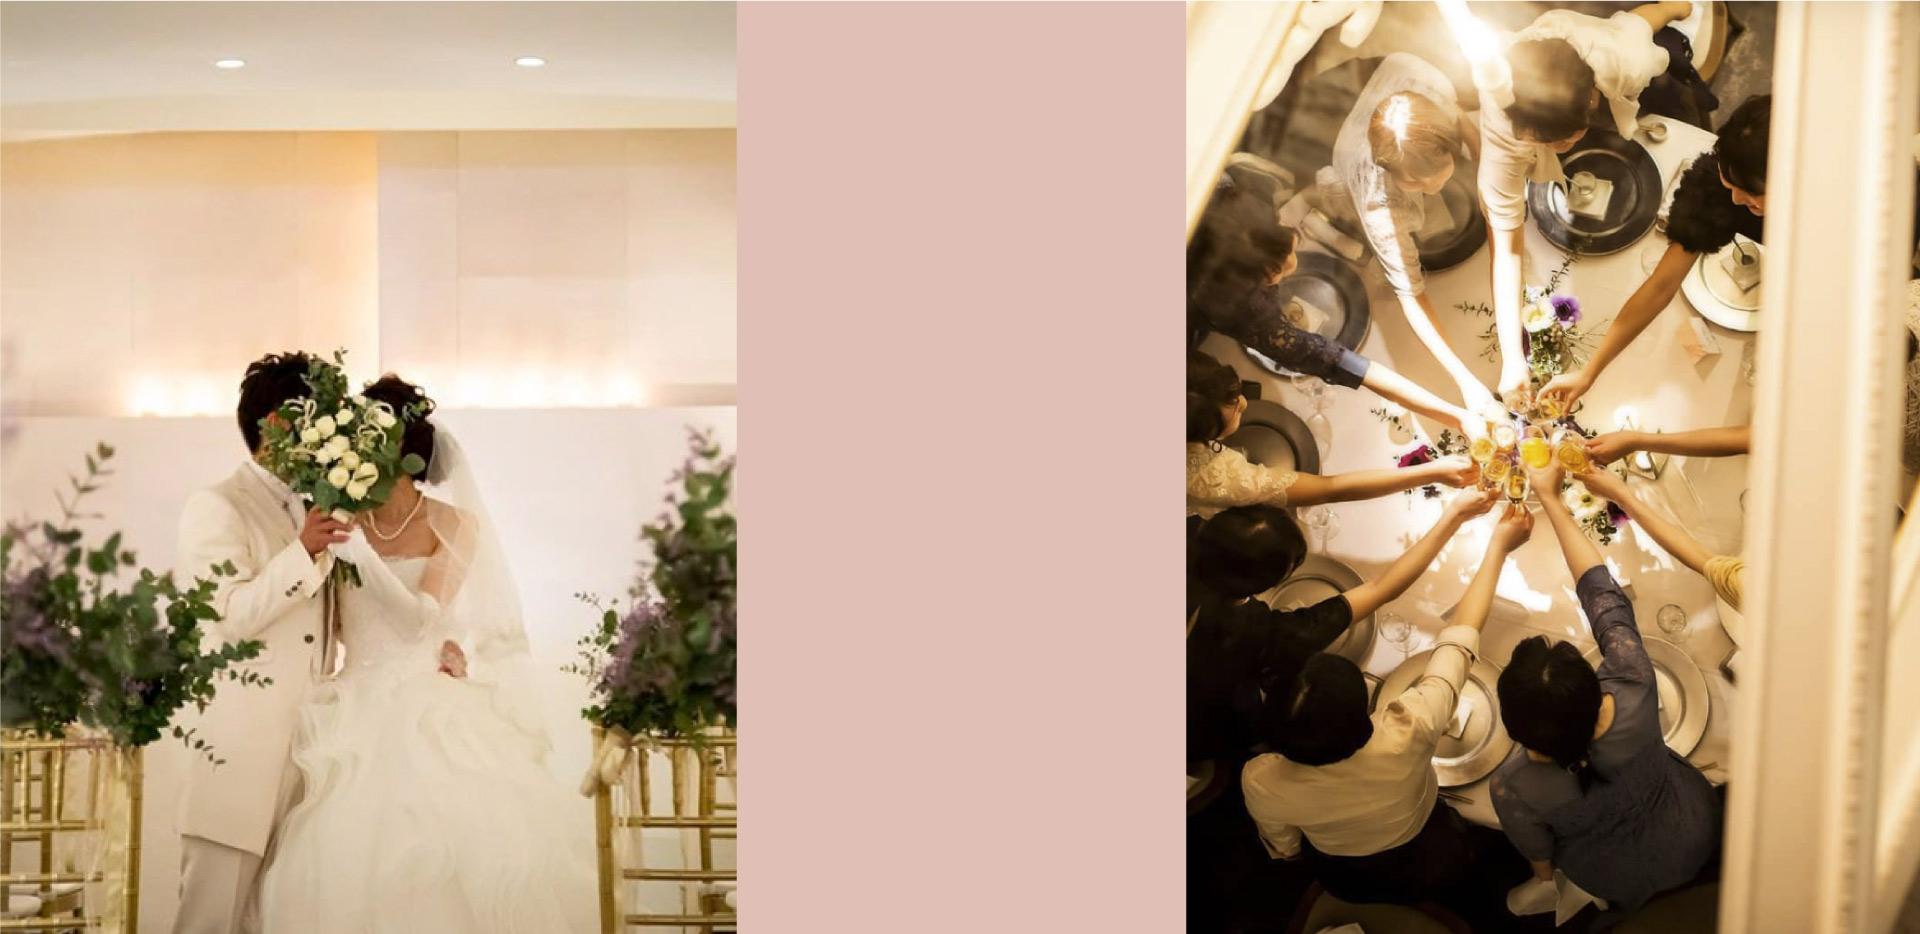 ザ マグリット | 岡山県岡山市の結婚式場・パーティーウェディング・おもてなしウェディング 岡山 結婚式場 マグリット ウェディング PC